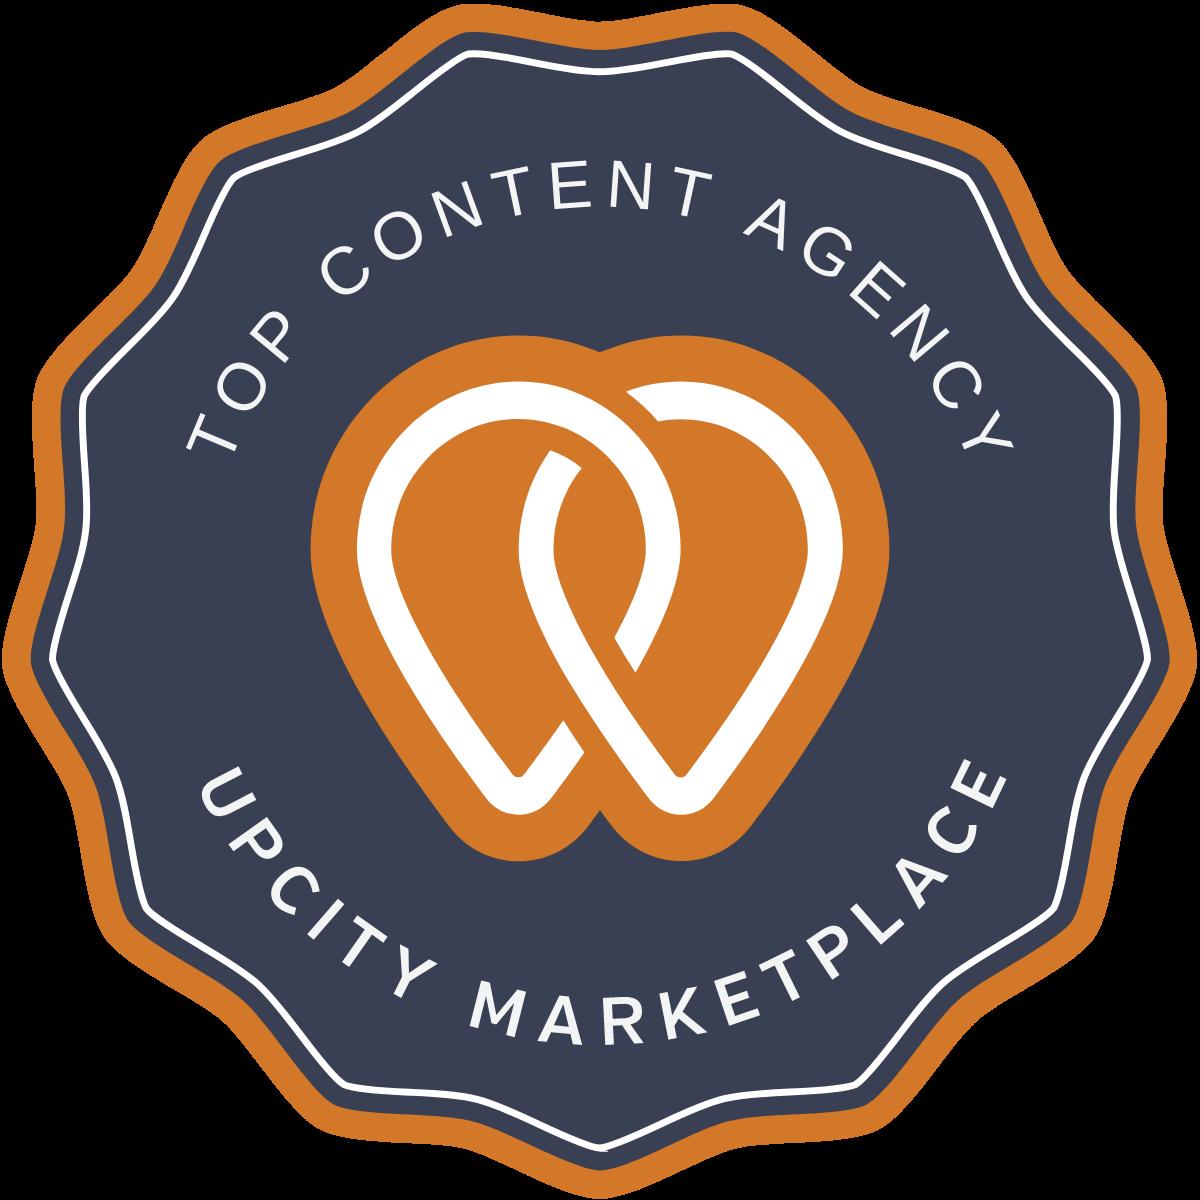 Top Content Creation Agency Orlando Florida